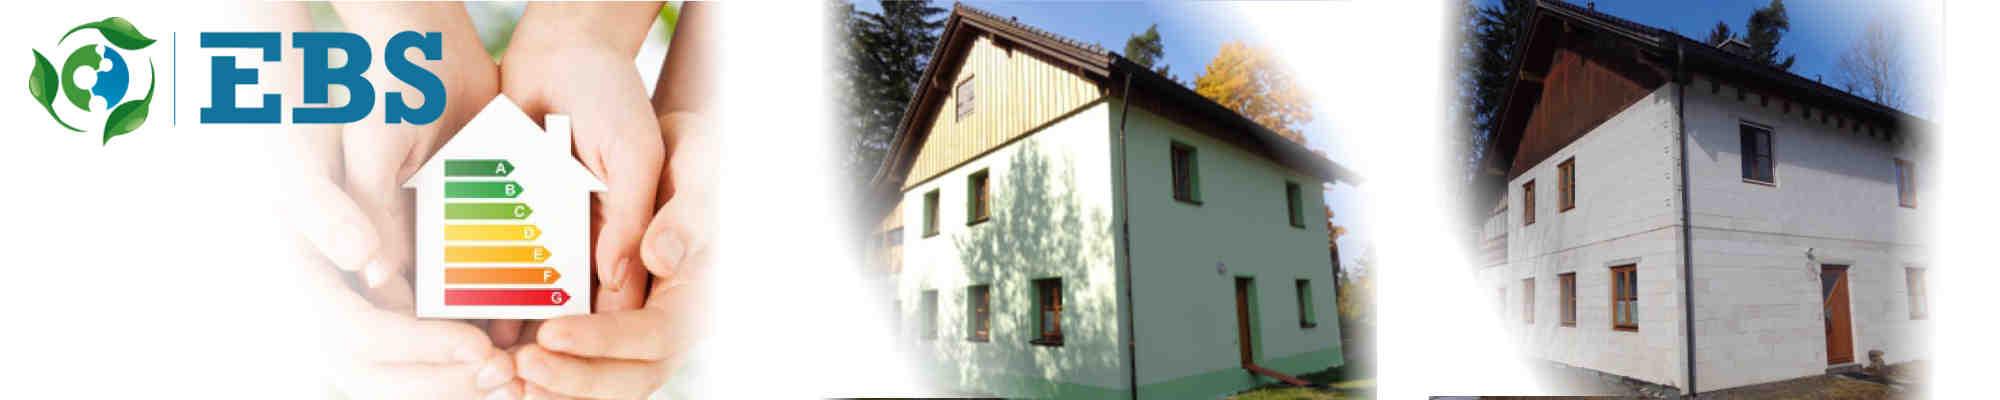 Gebäudesanierung Wohngebäude in Hof, Nürnberg, Bayreuth, Selb Fürth